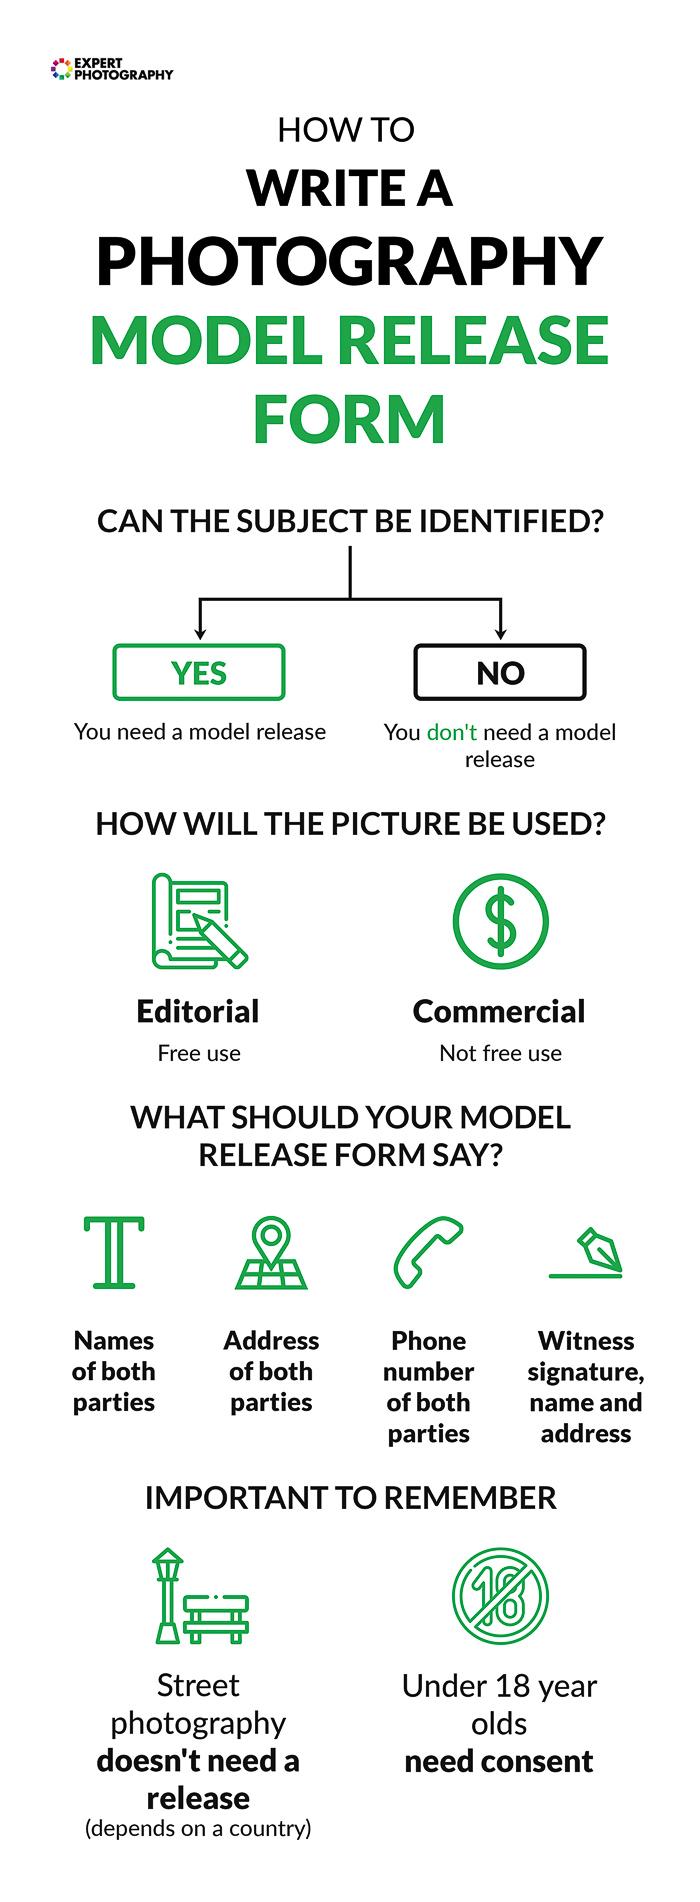 Folhas de dicas de fotografia grátis para escrever um formulário de liberação de modelo